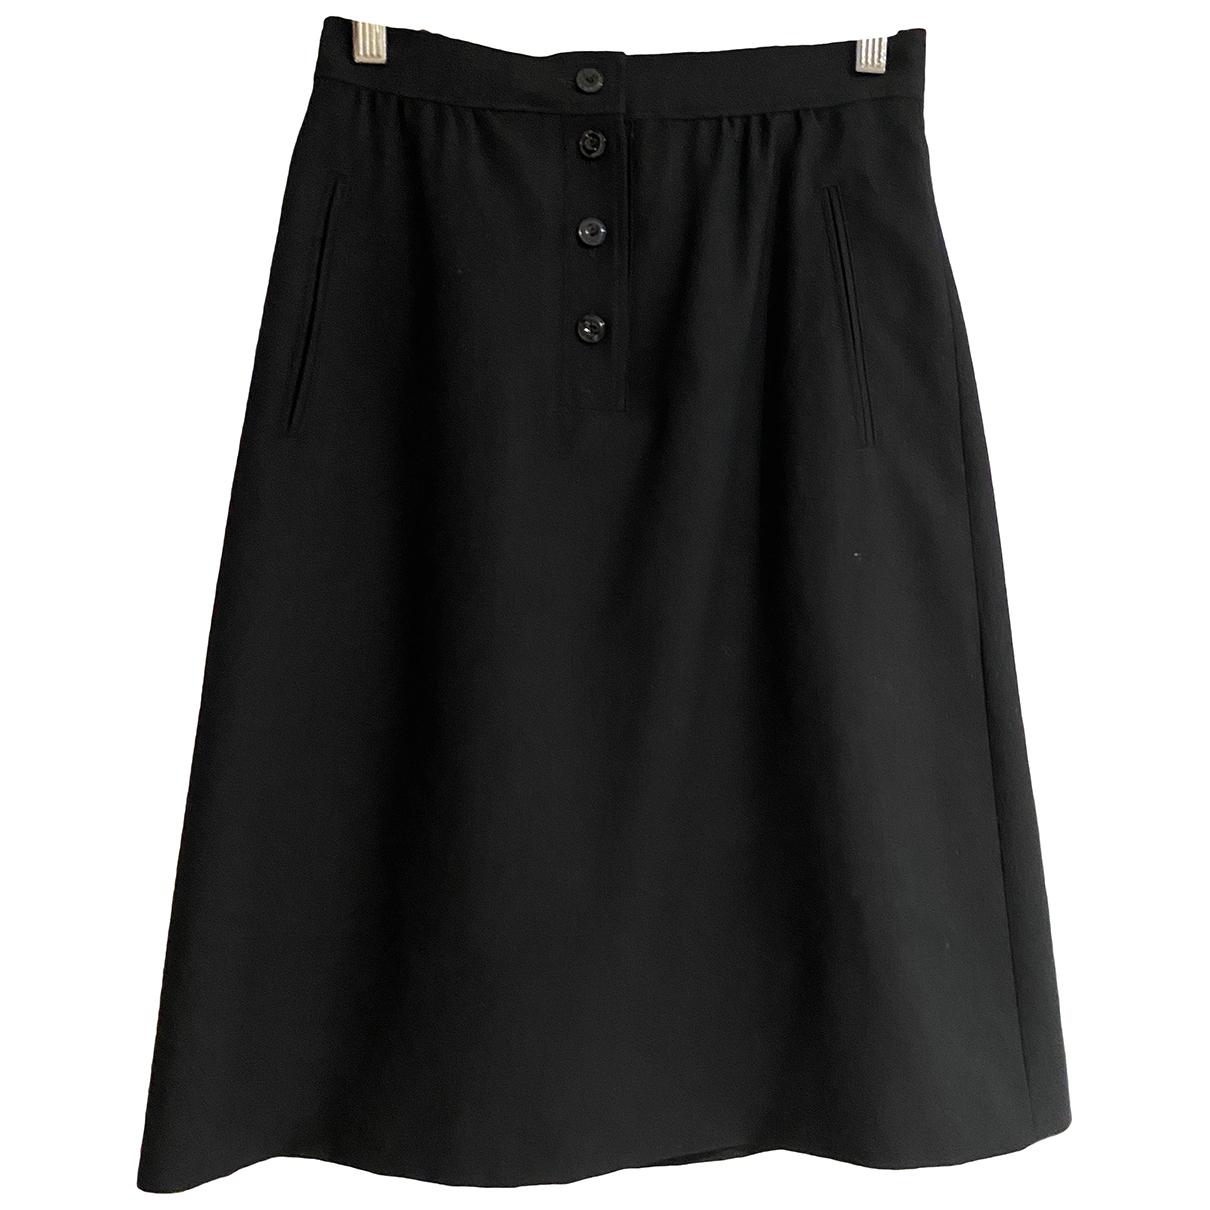 Apc \N Black Wool skirt for Women 34 FR